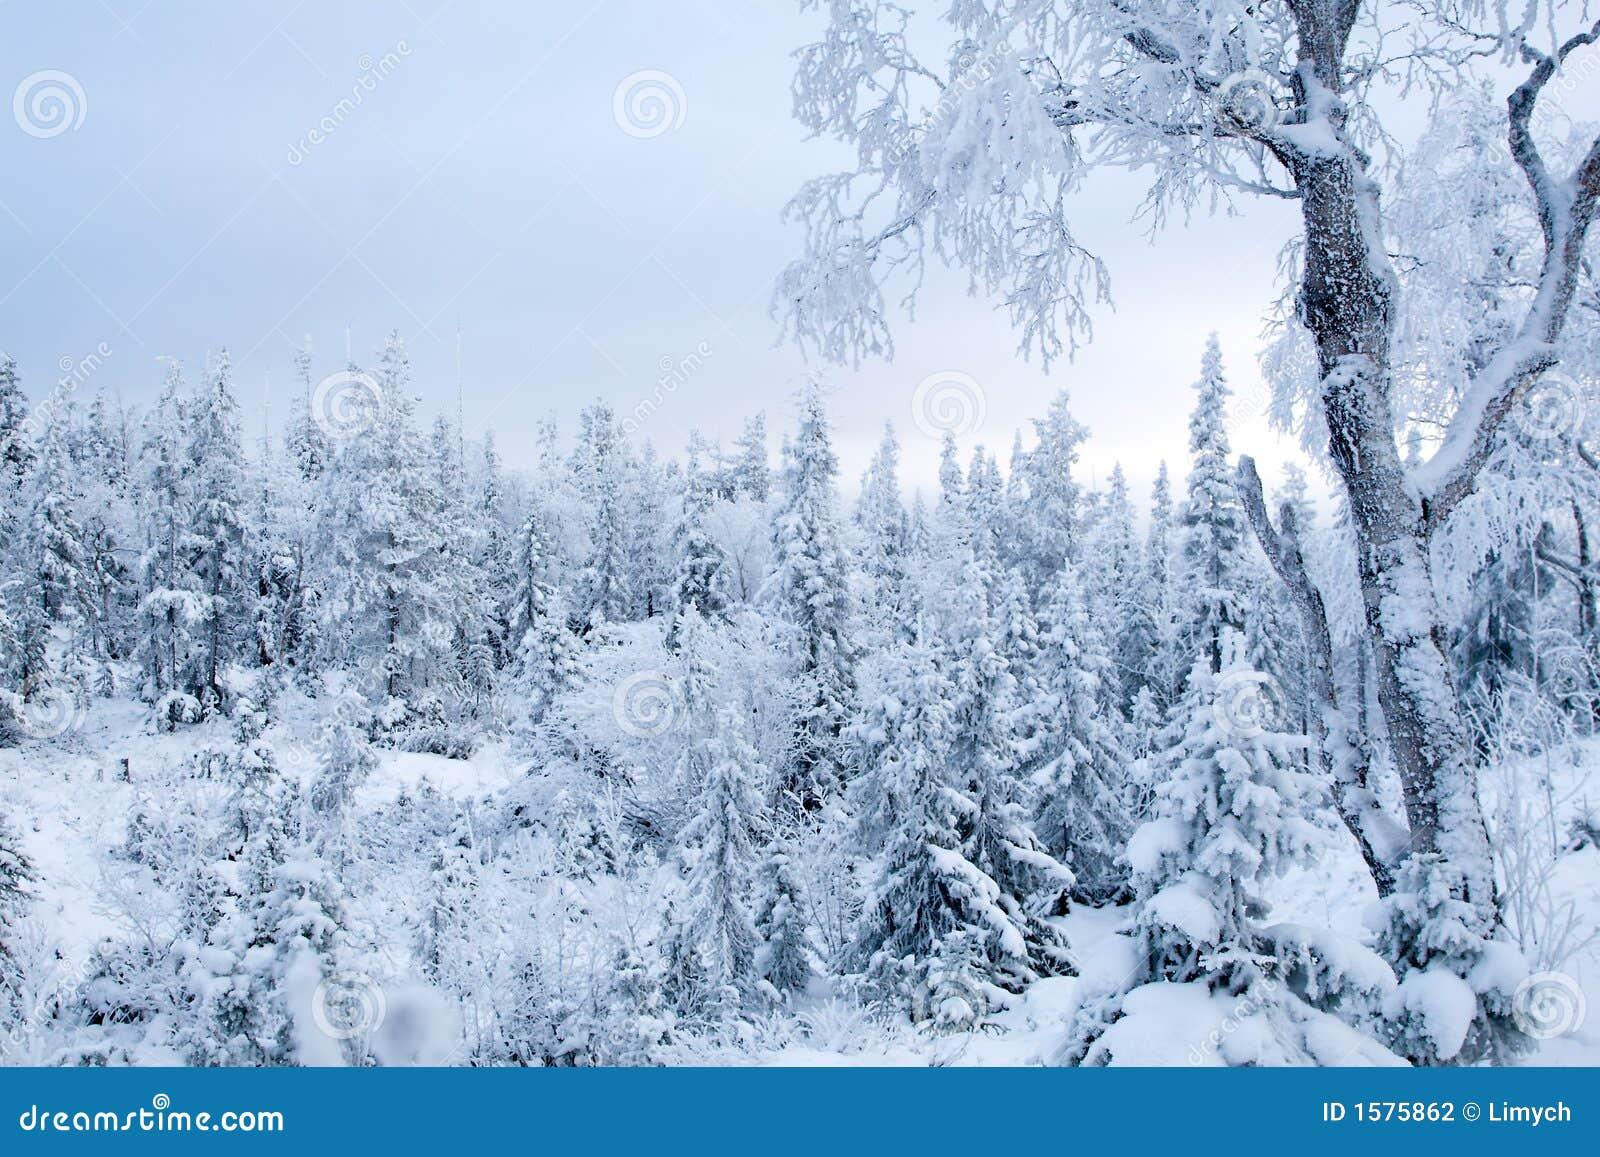 White Christmas Tree Themes